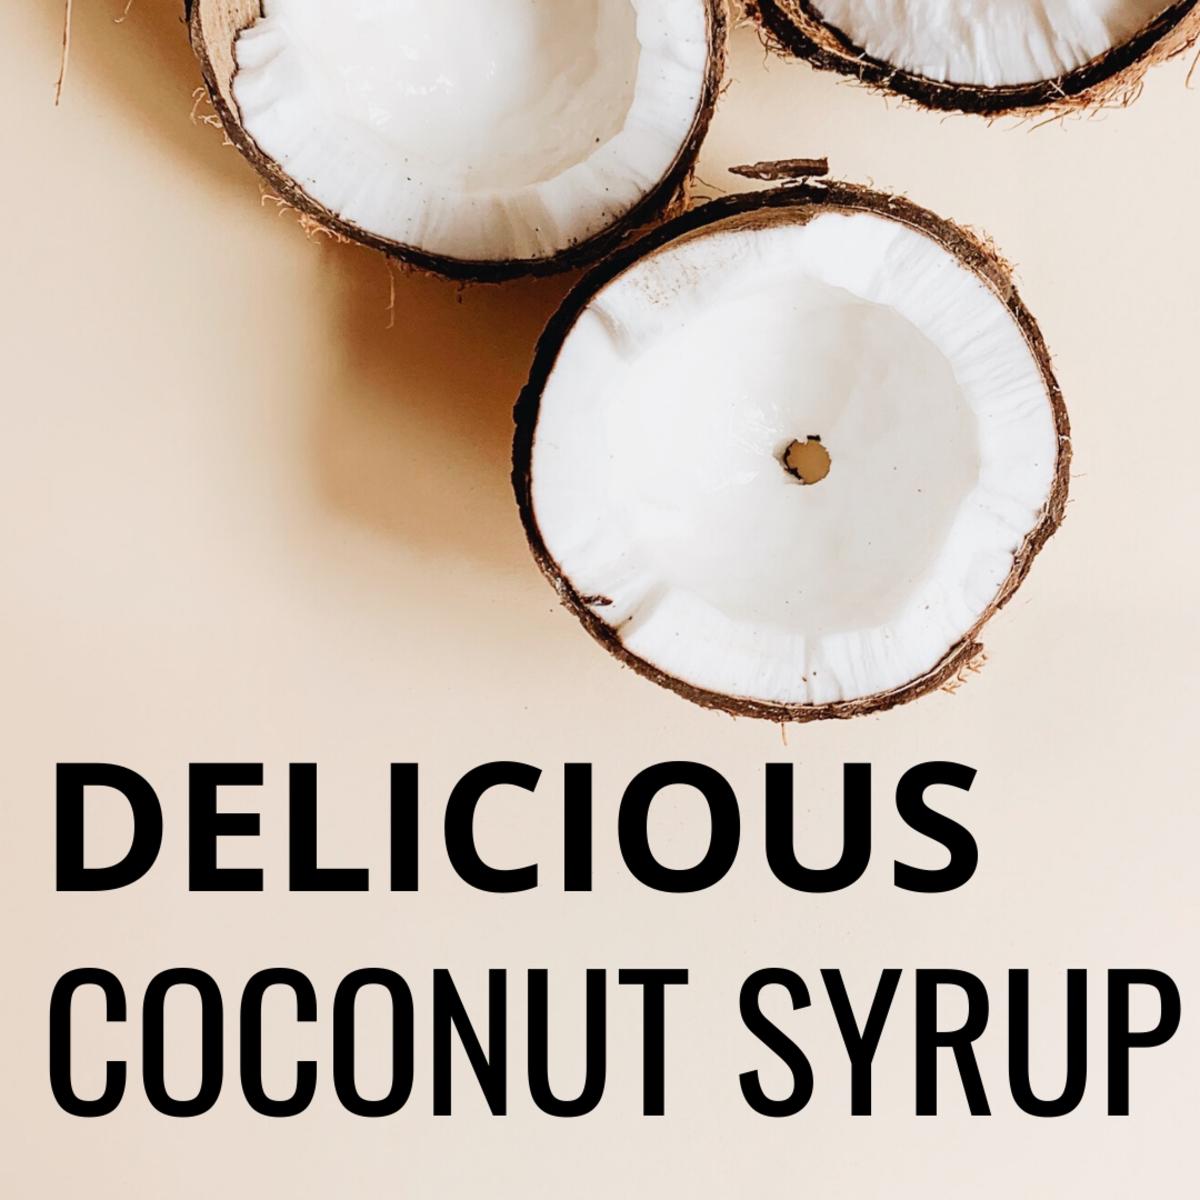 Delicious Coconut Syrup Recipe